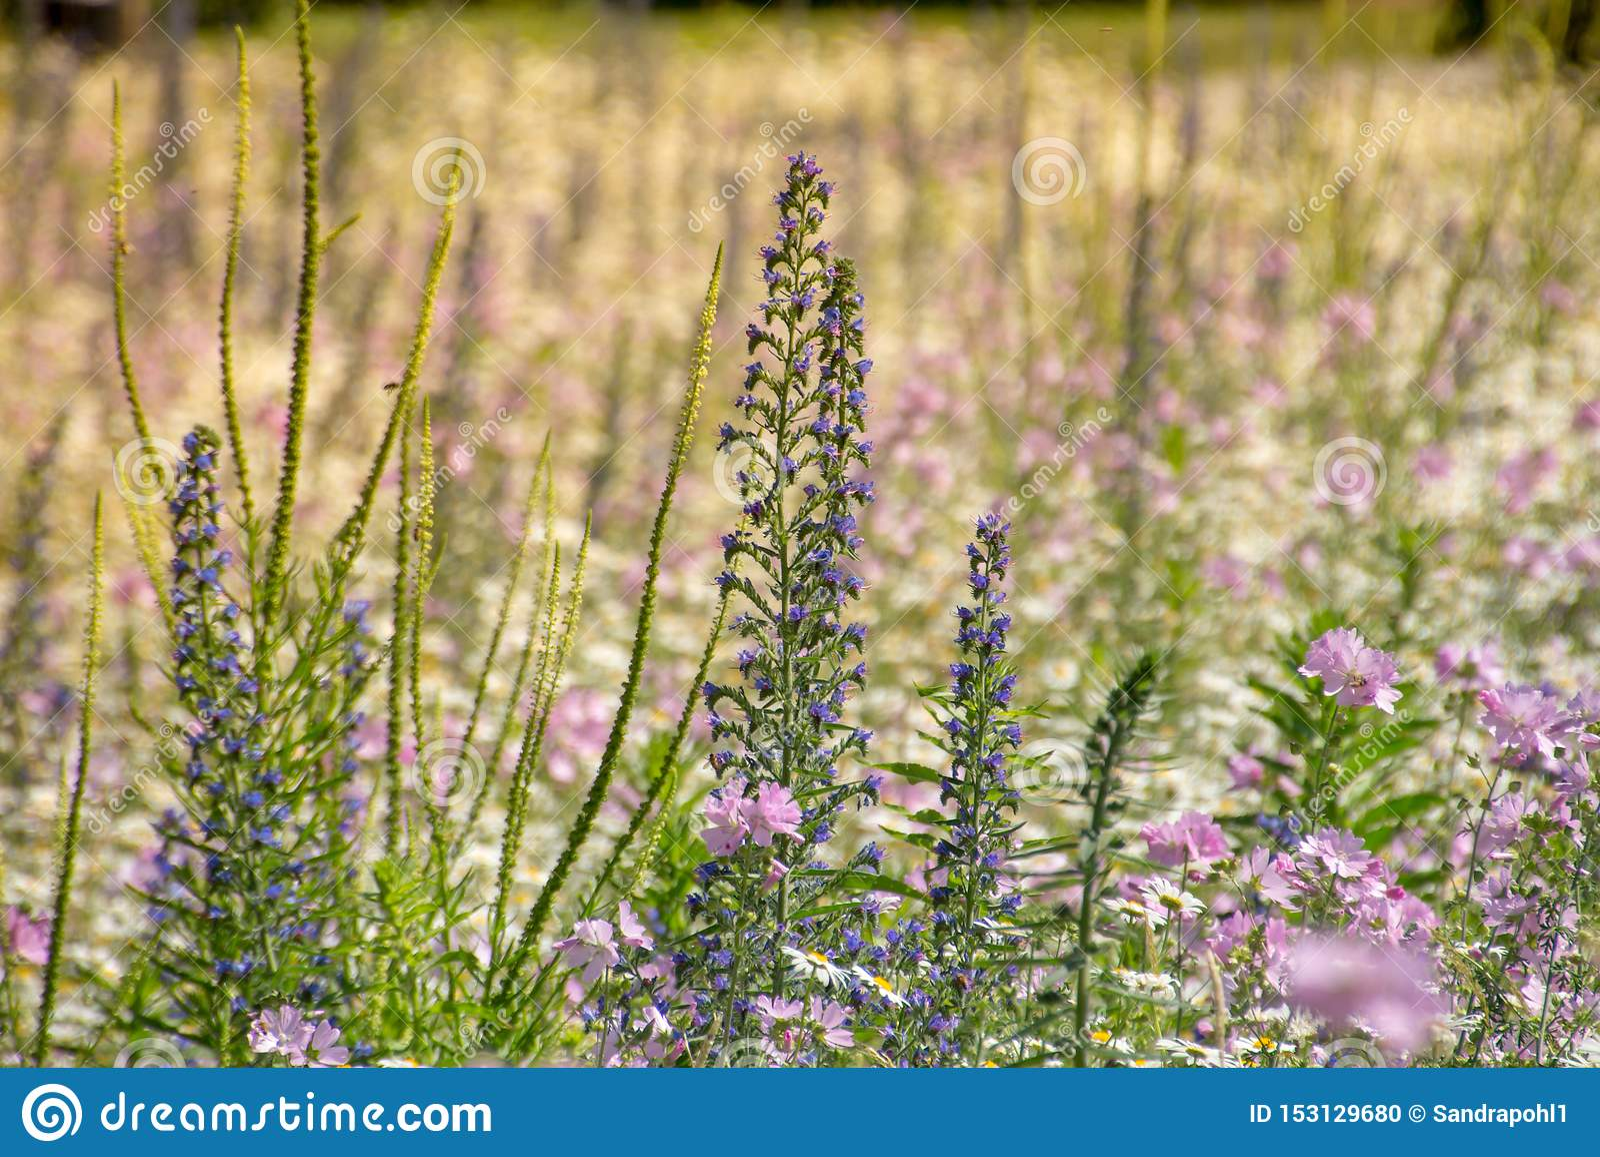 Violeta violeta natural del prado de las flores